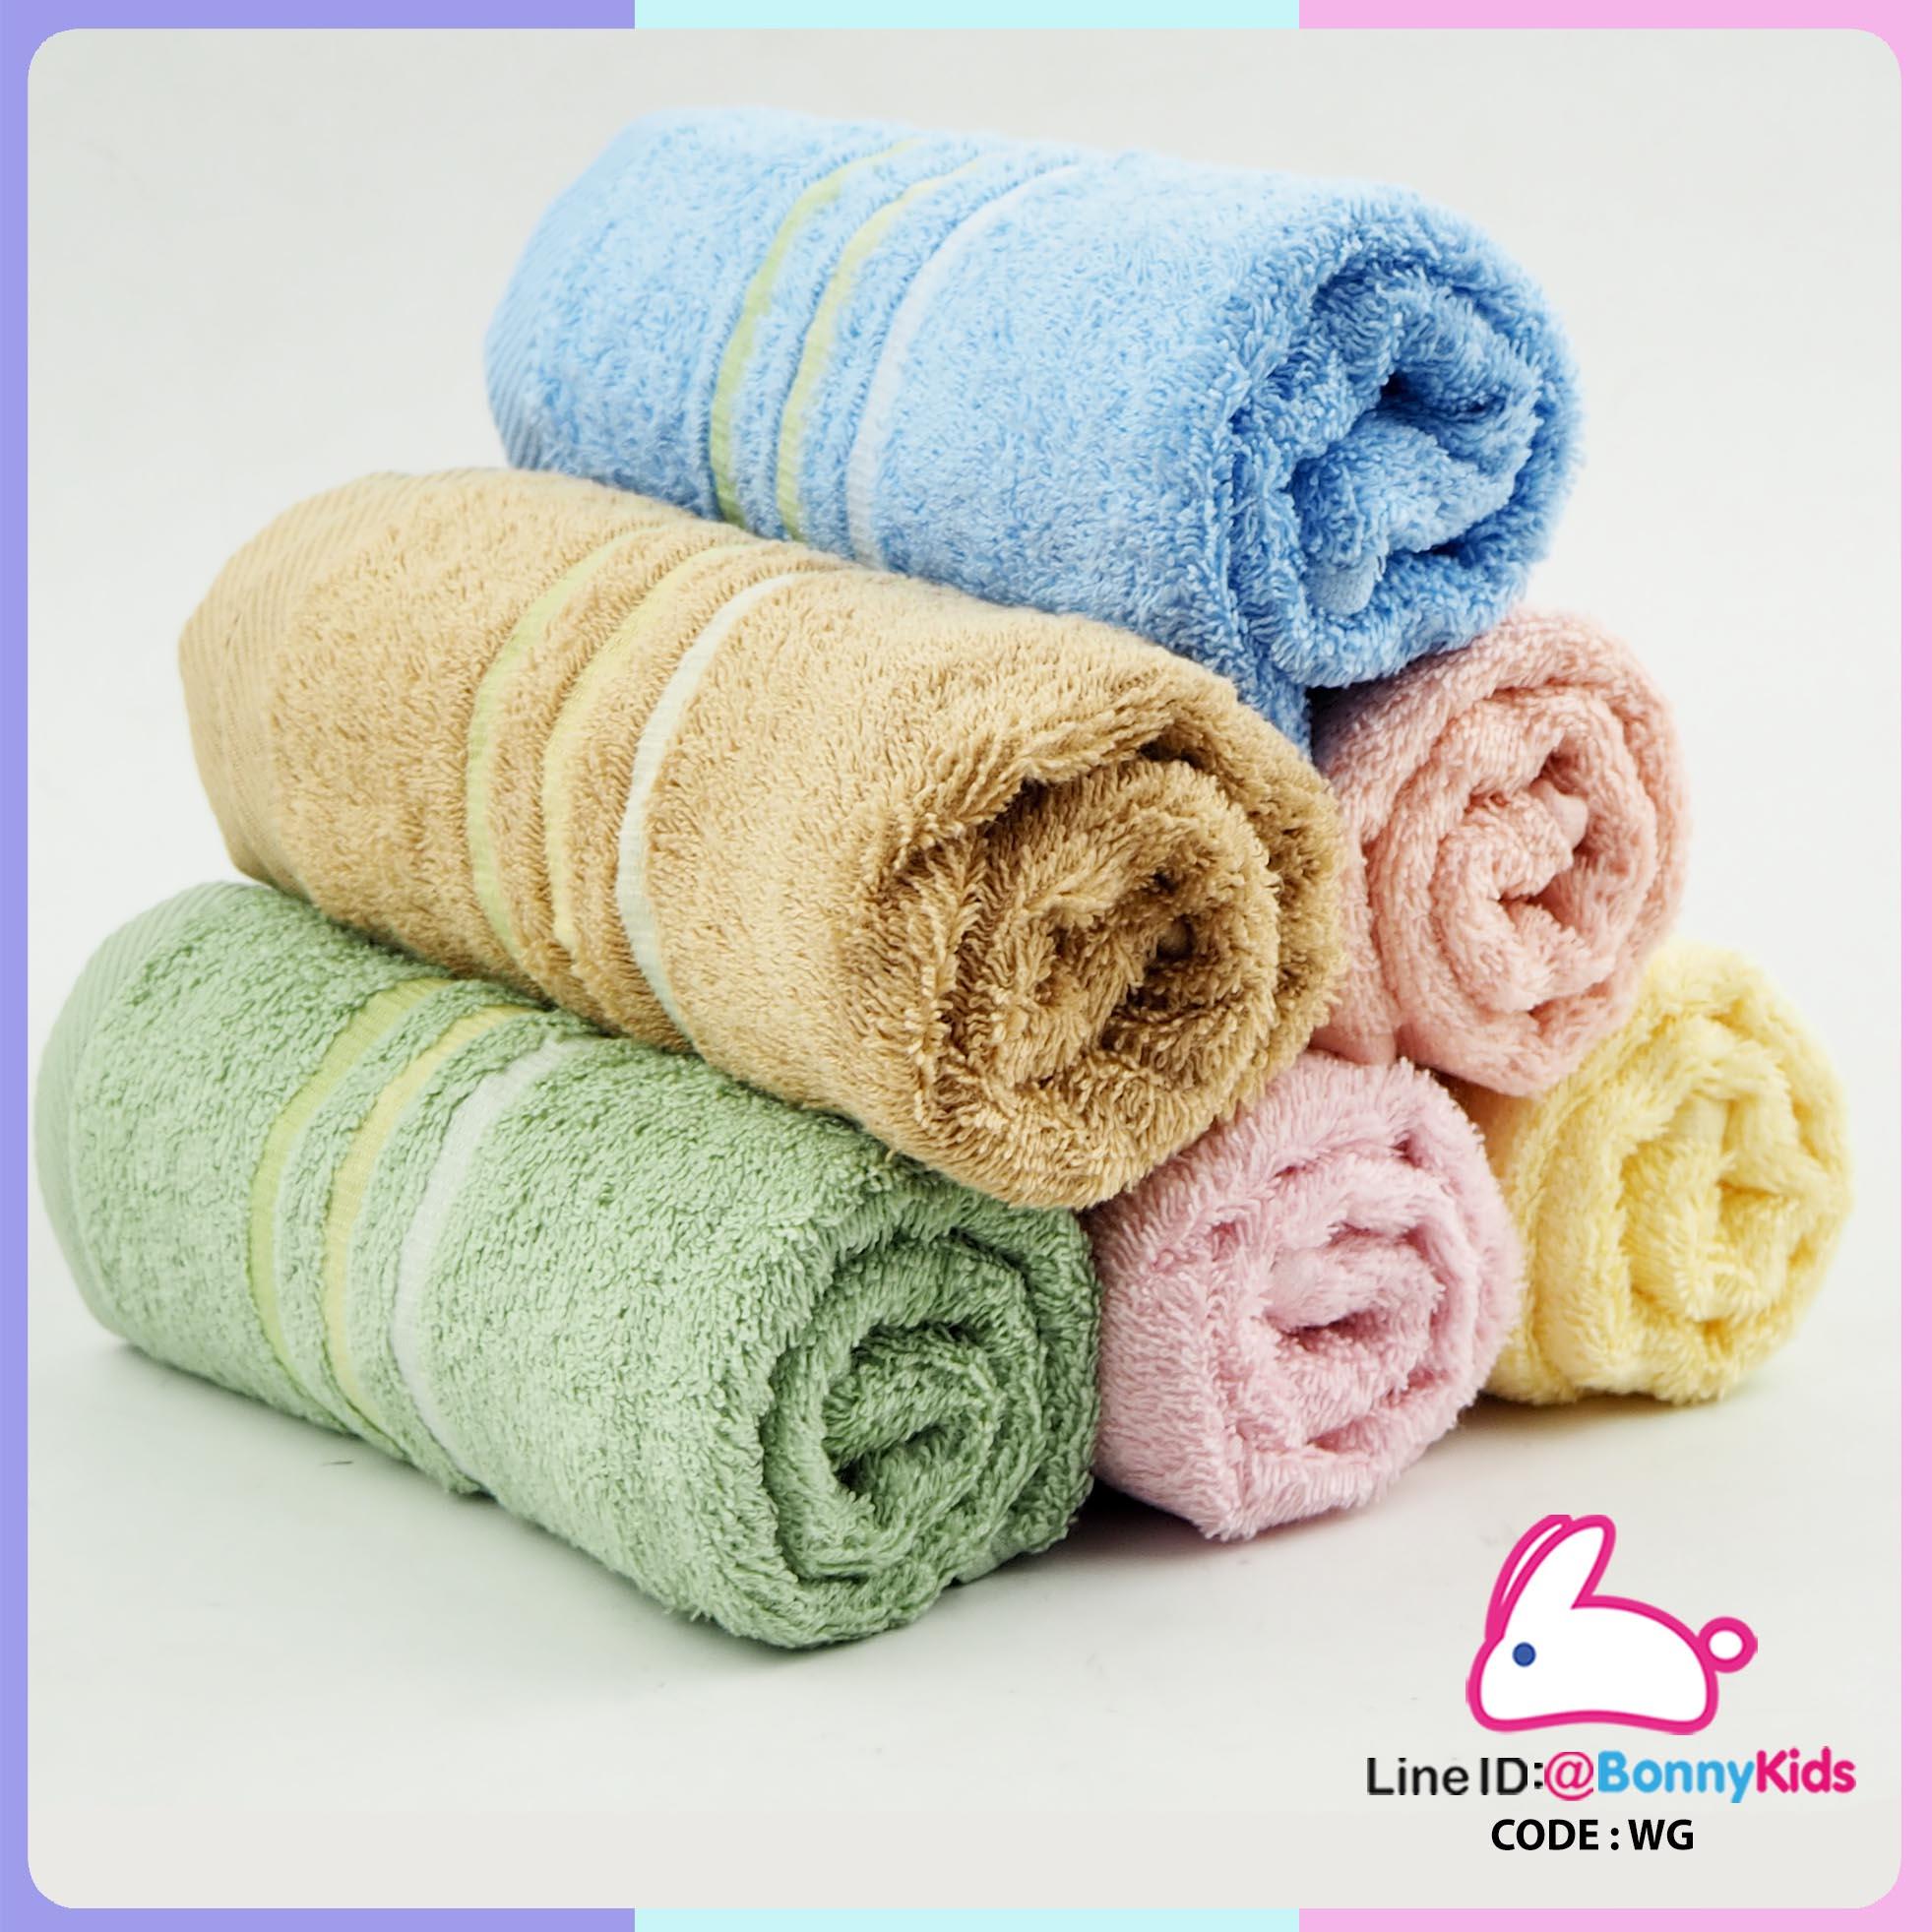 ผ้าขนหนู cotton 100% size 15x30 นิ้ว อย่างดี เนื้อนิ่มฟู ขนไม่ร่วงติดผิว แพ็ค 6 ผืน